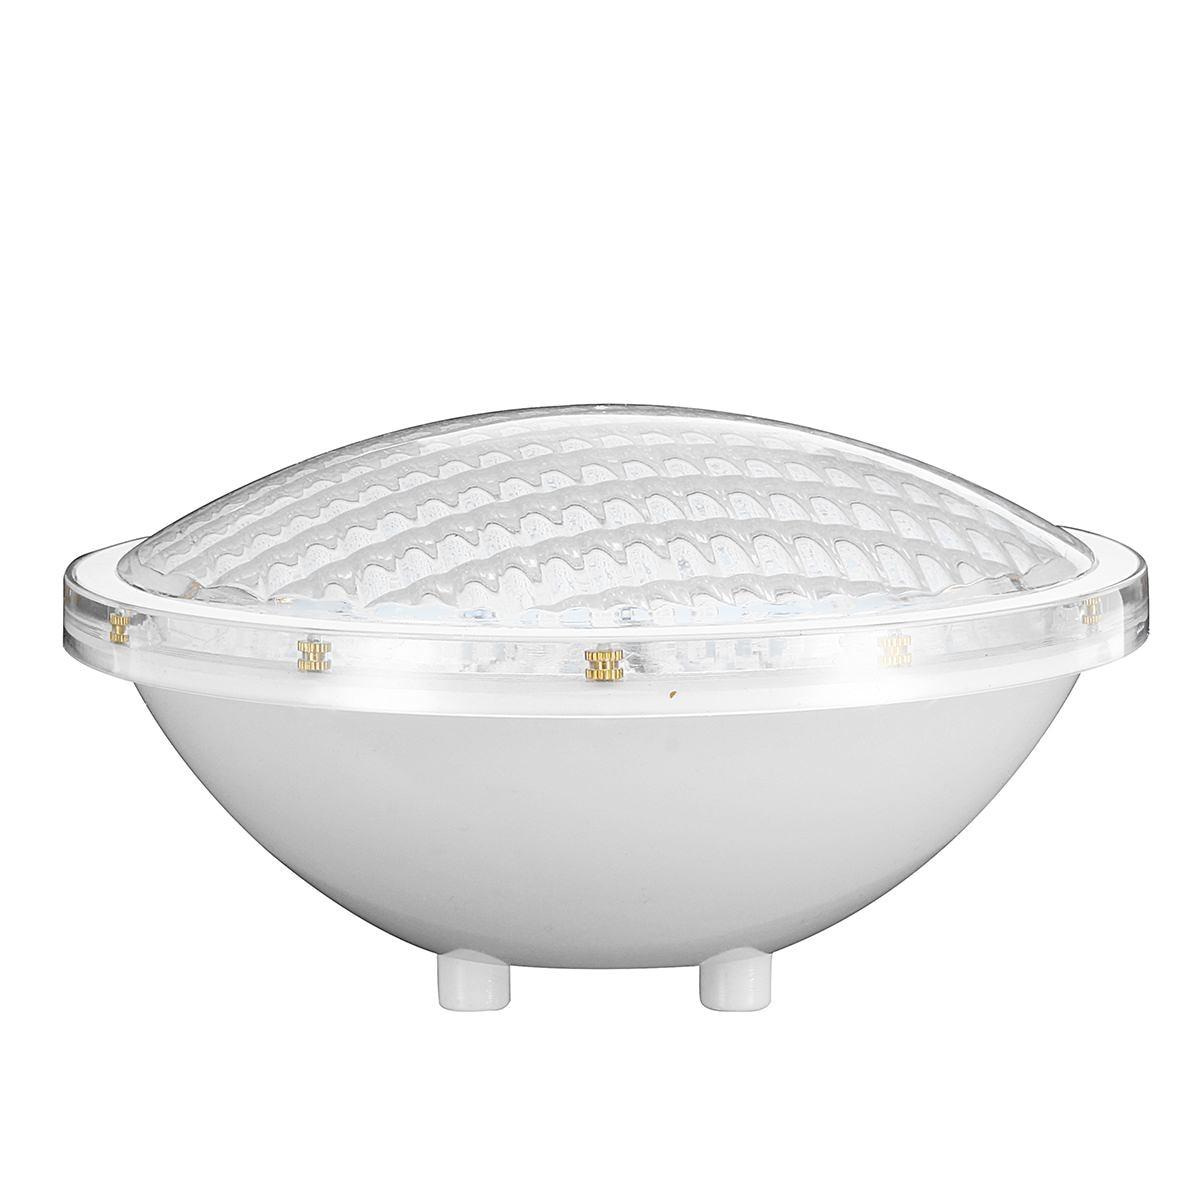 dc 12 v ao ar livre spotlight par56 rgb led piscina luz